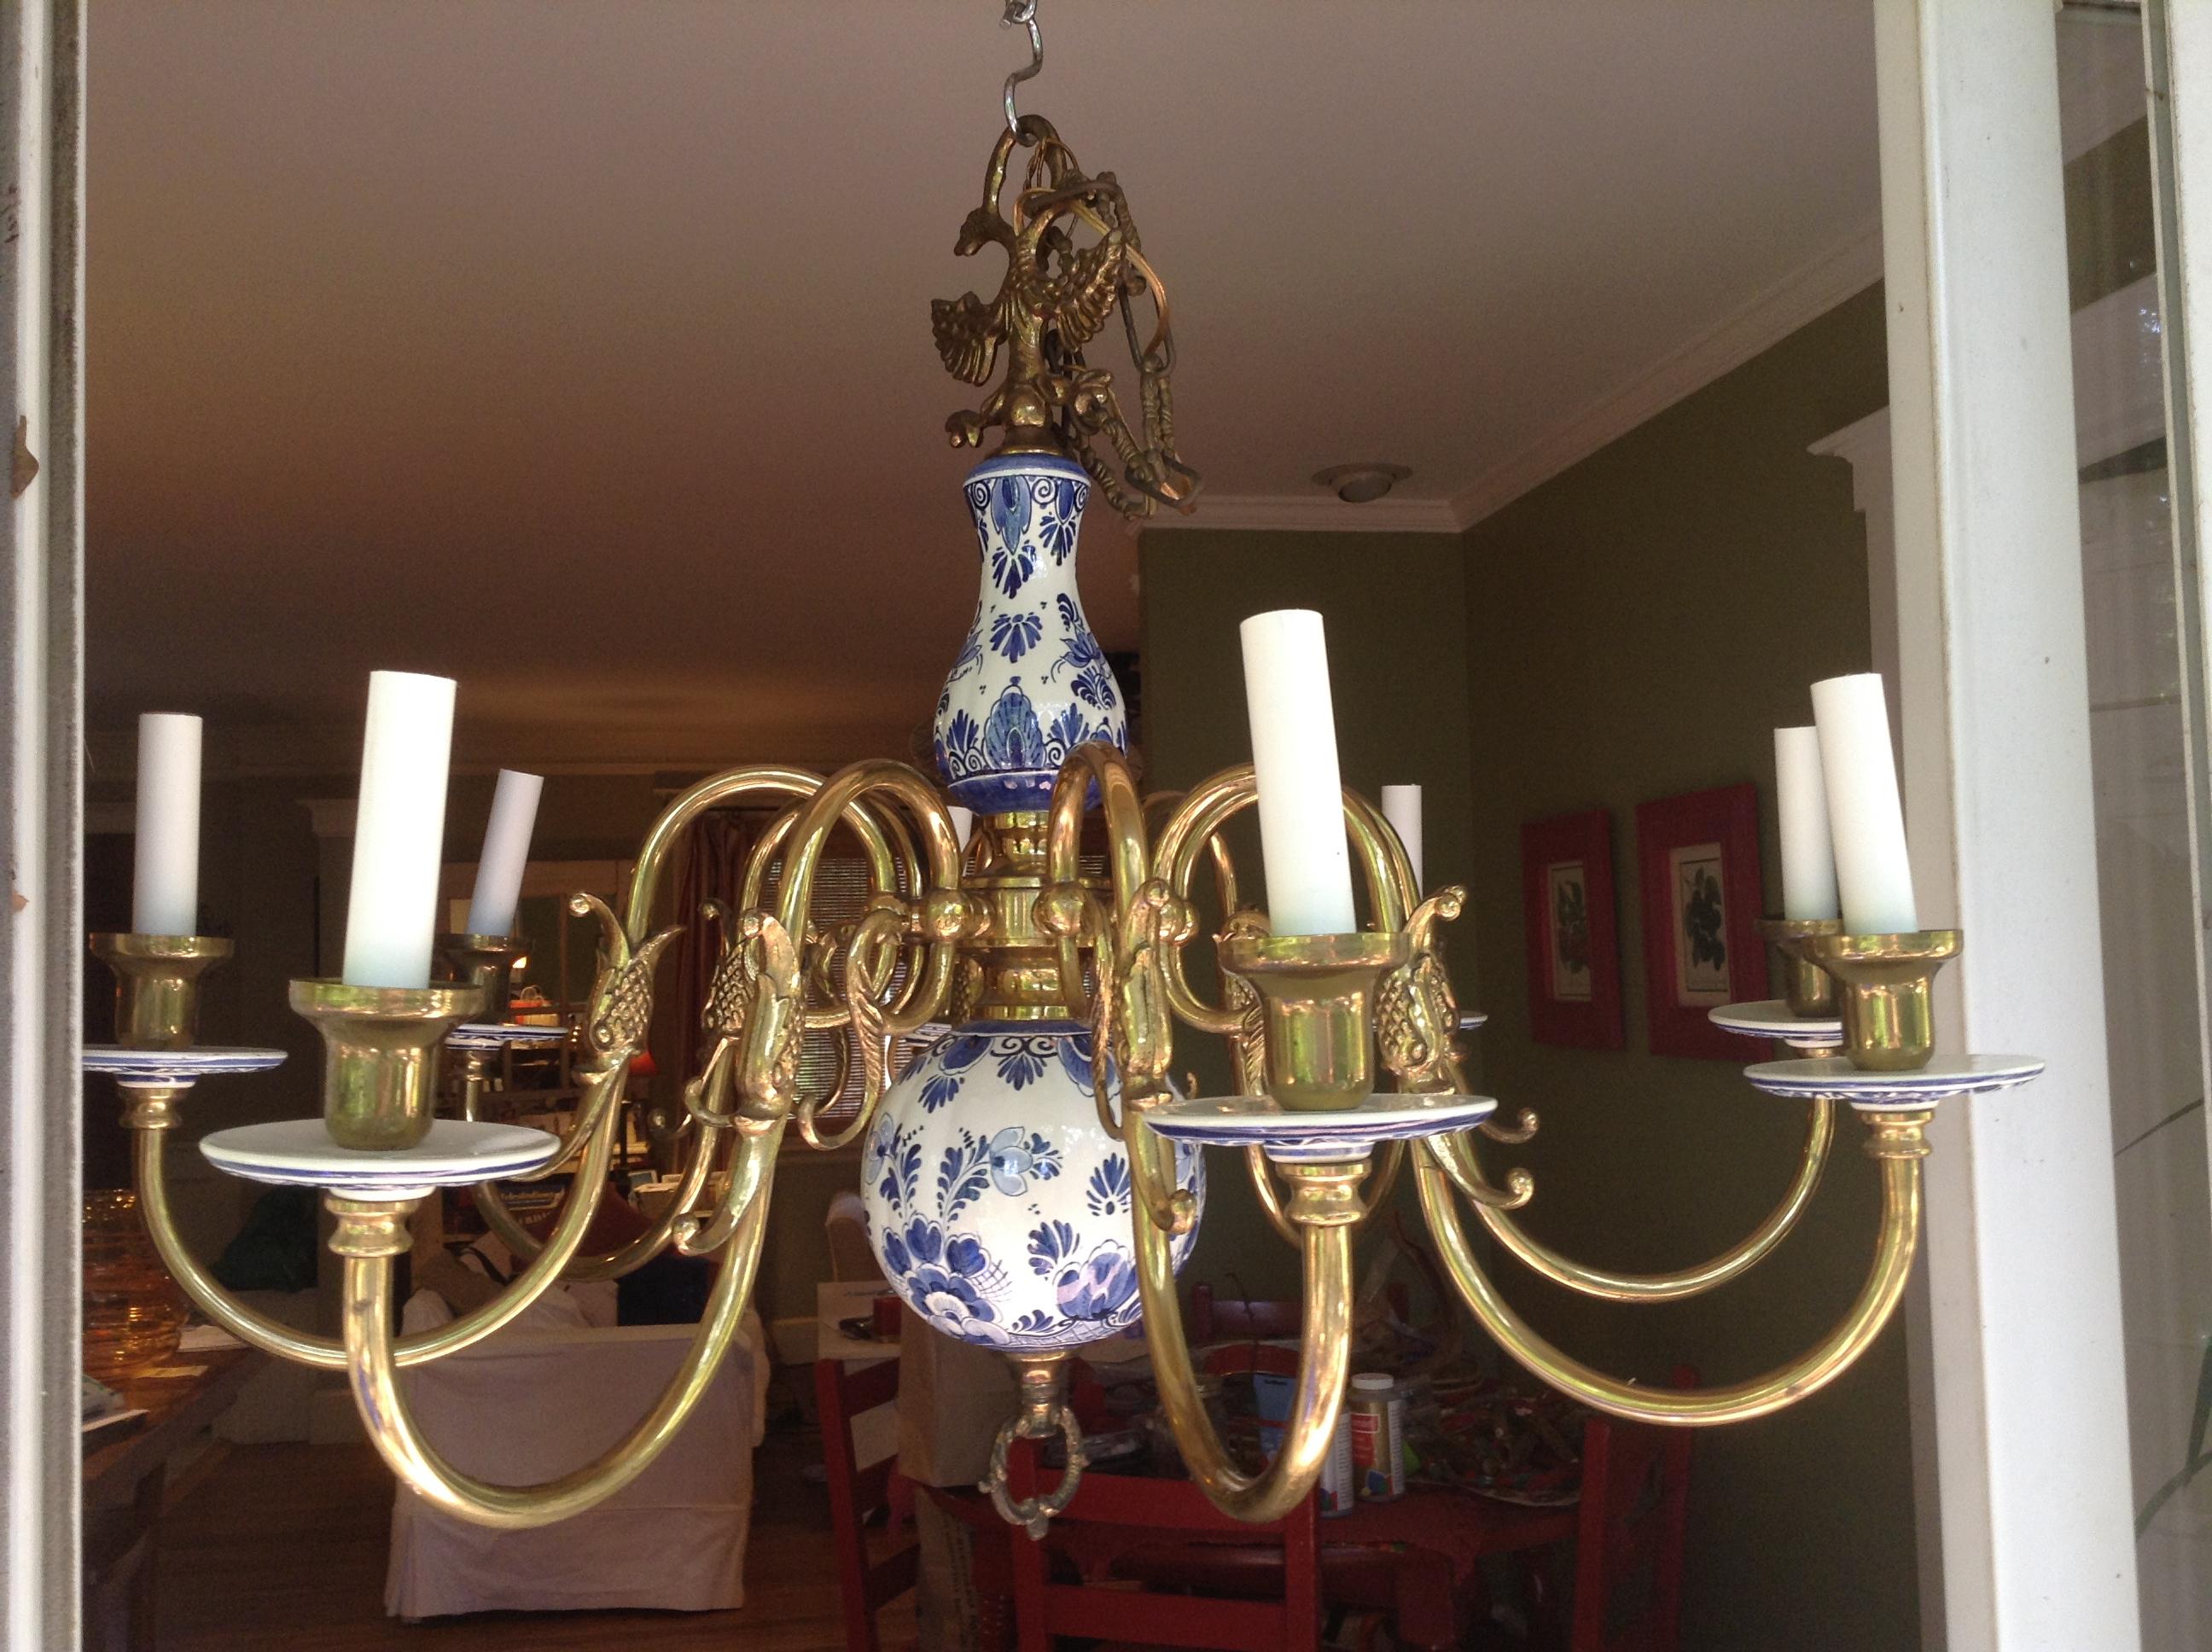 Antique delft chandelier 8 arms antique appraisal instappraisal antique delft chandelier 8 arms arubaitofo Images